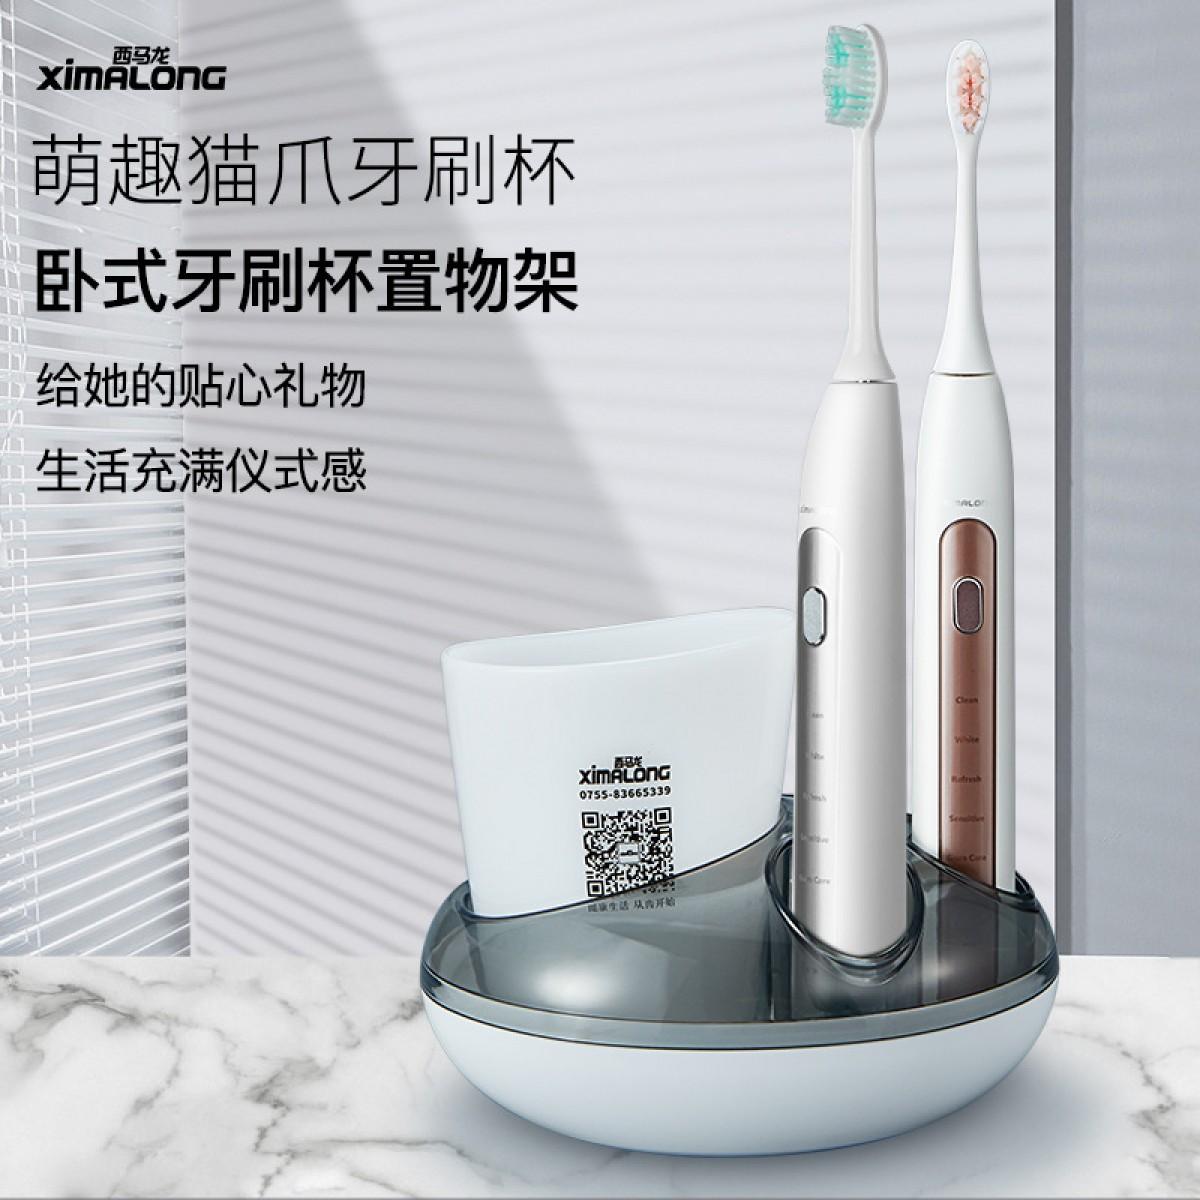 三孔创意台式牙刷架 多功能牙刷置物架漱口杯套装无痕牙齿牙刷座